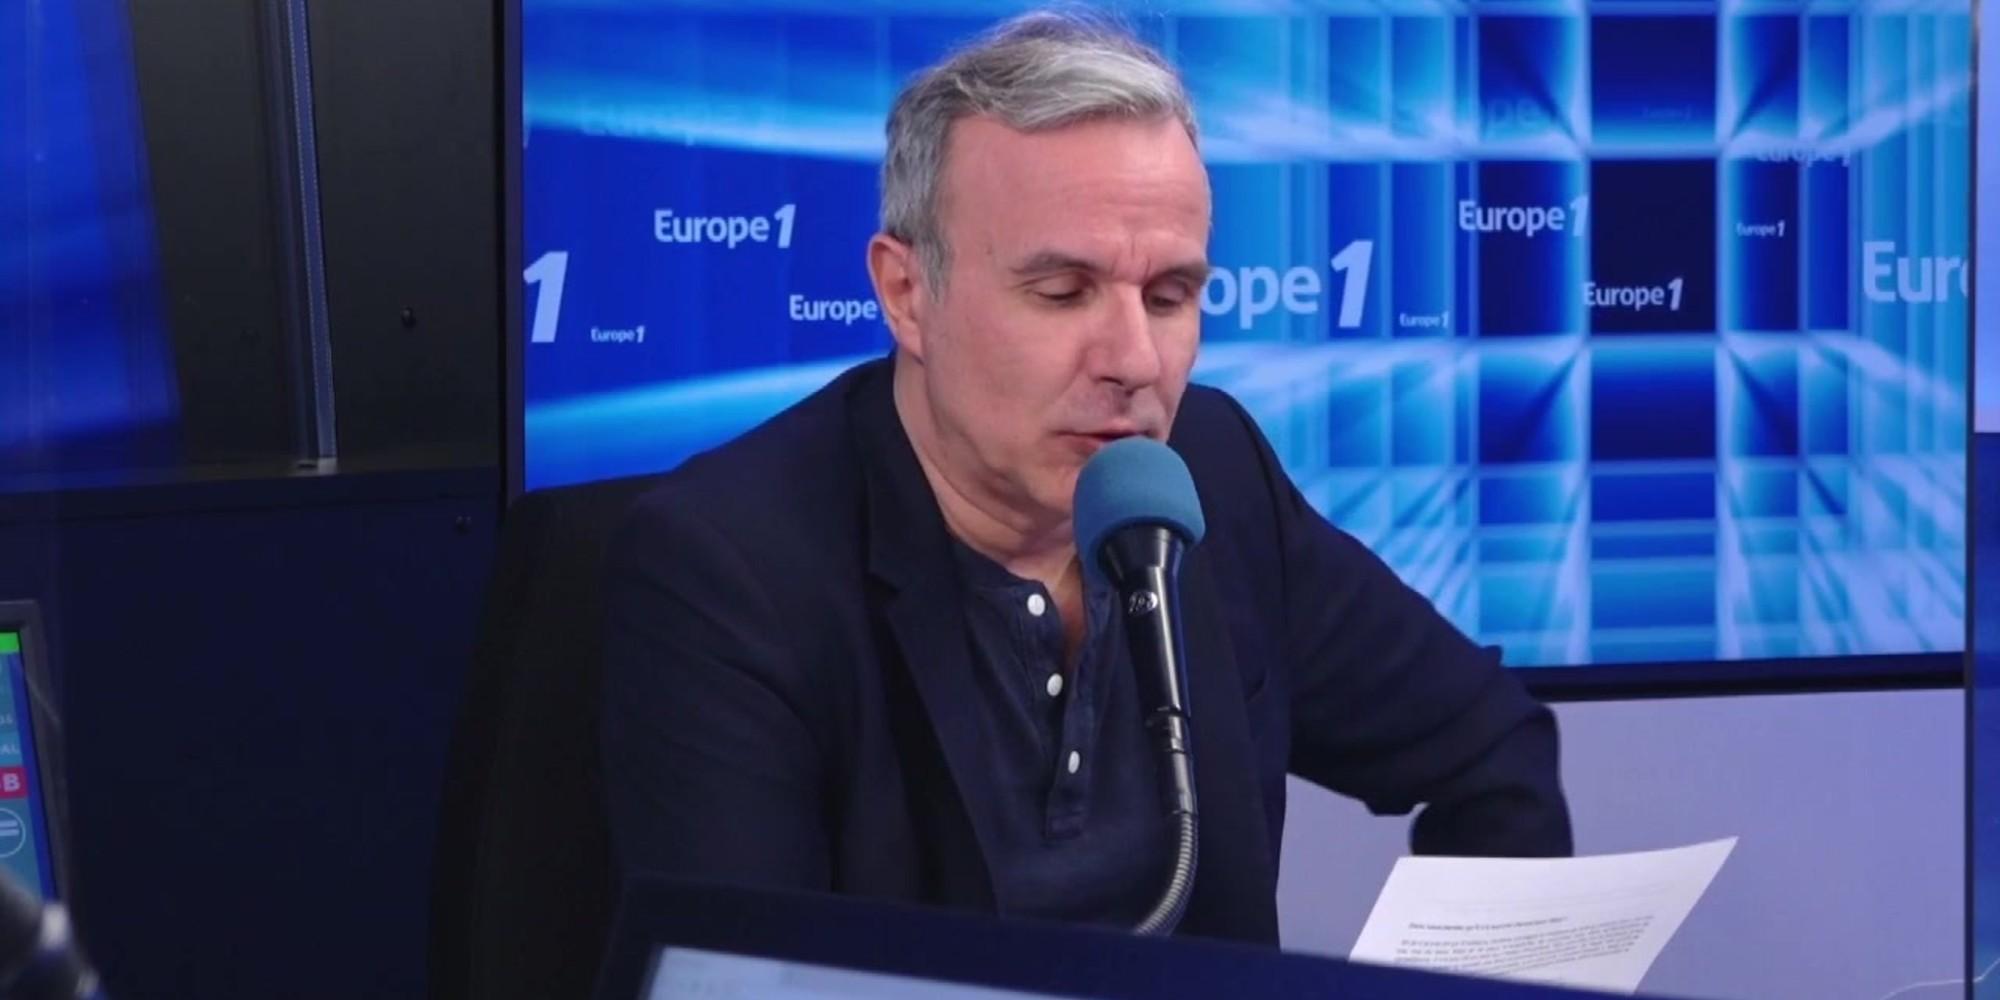 """Candidature de Xavier Bertrand : """"Il a souvent eu des positionnements successifs et des sincérités contradictoires"""""""